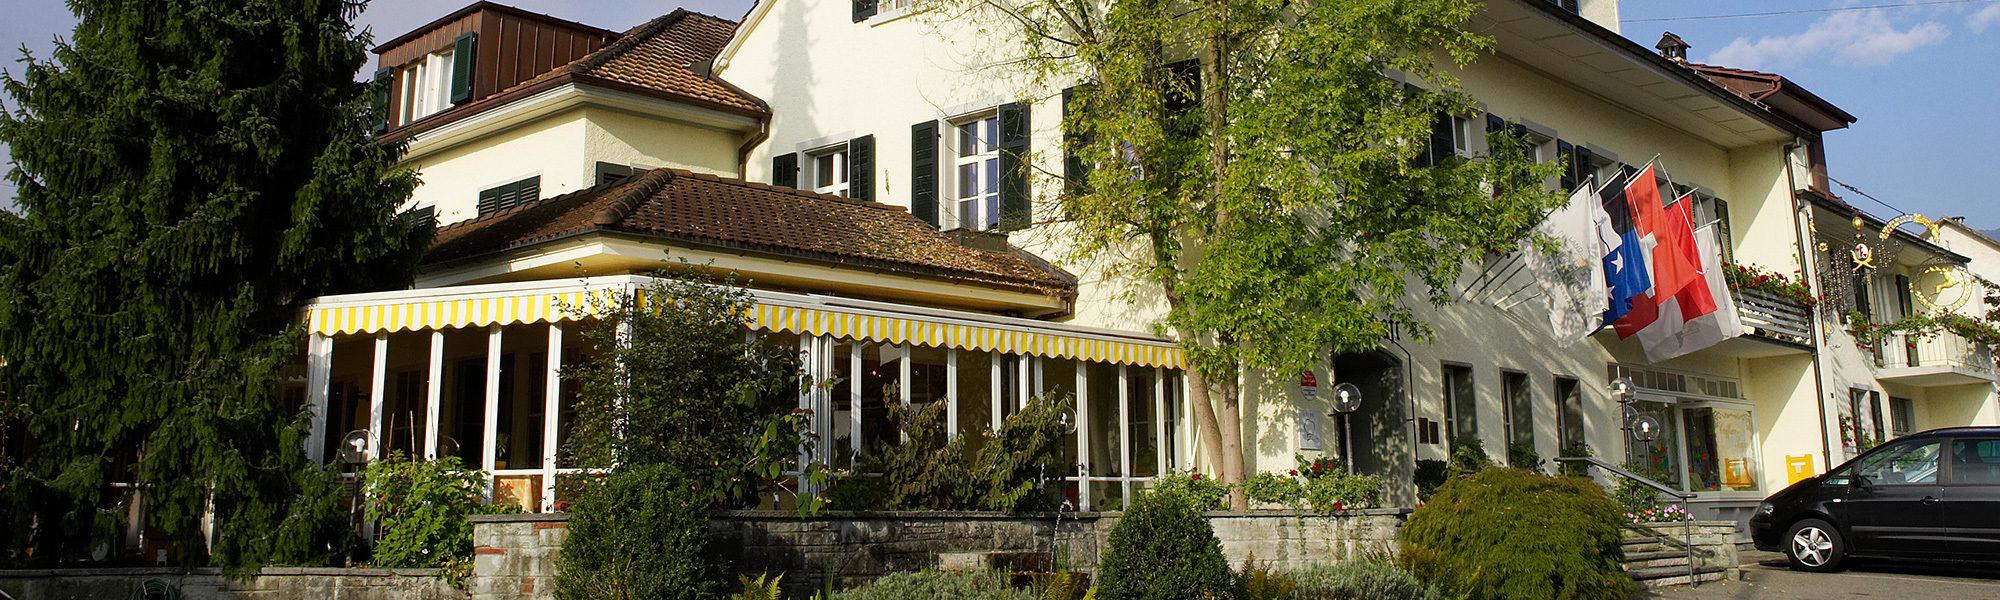 Landhotel Hirschen Erlinsbach